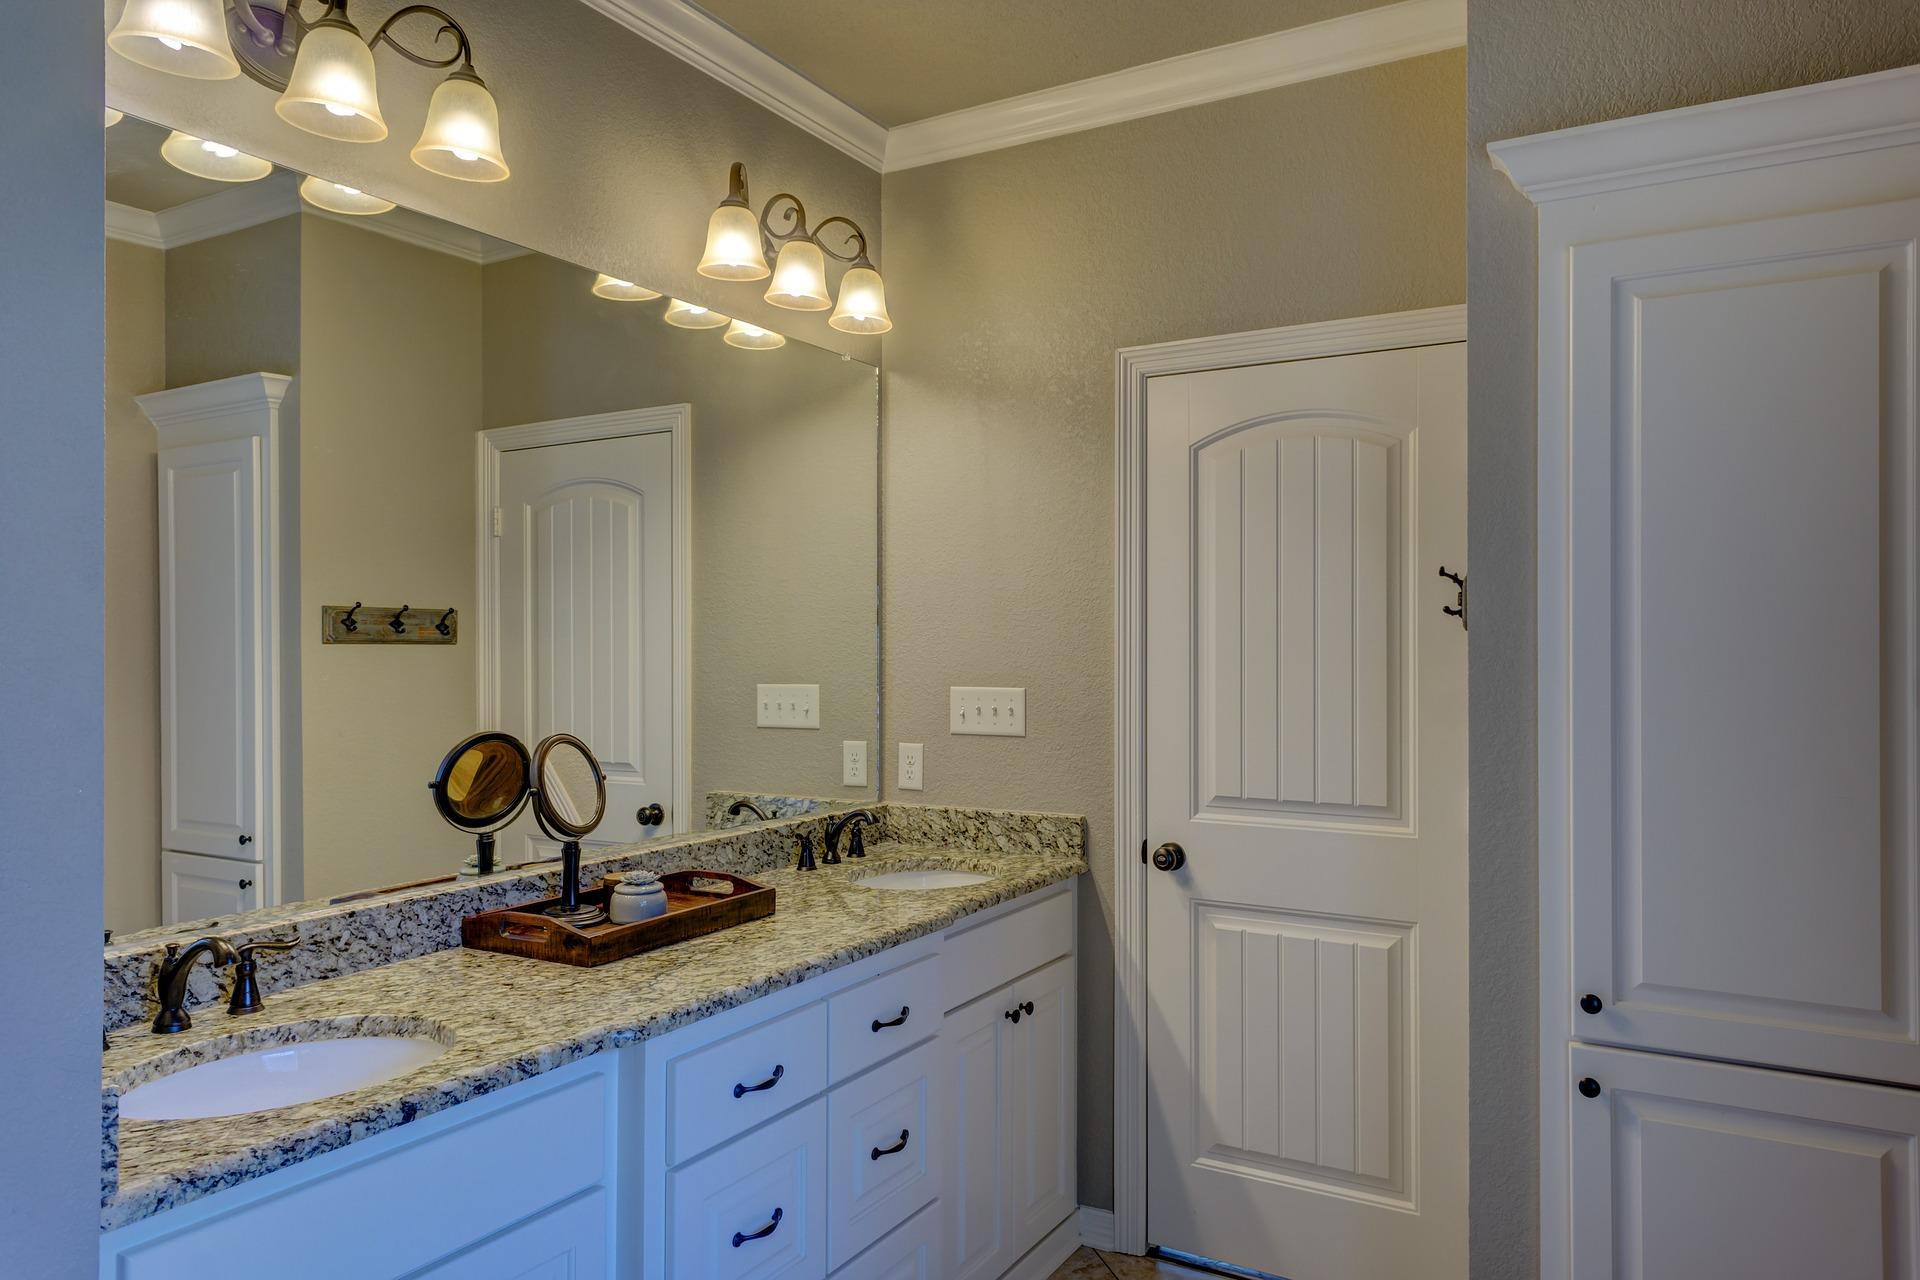 bathroom-remodeling-white-door-cabinets-sconce-fixtures.jpg